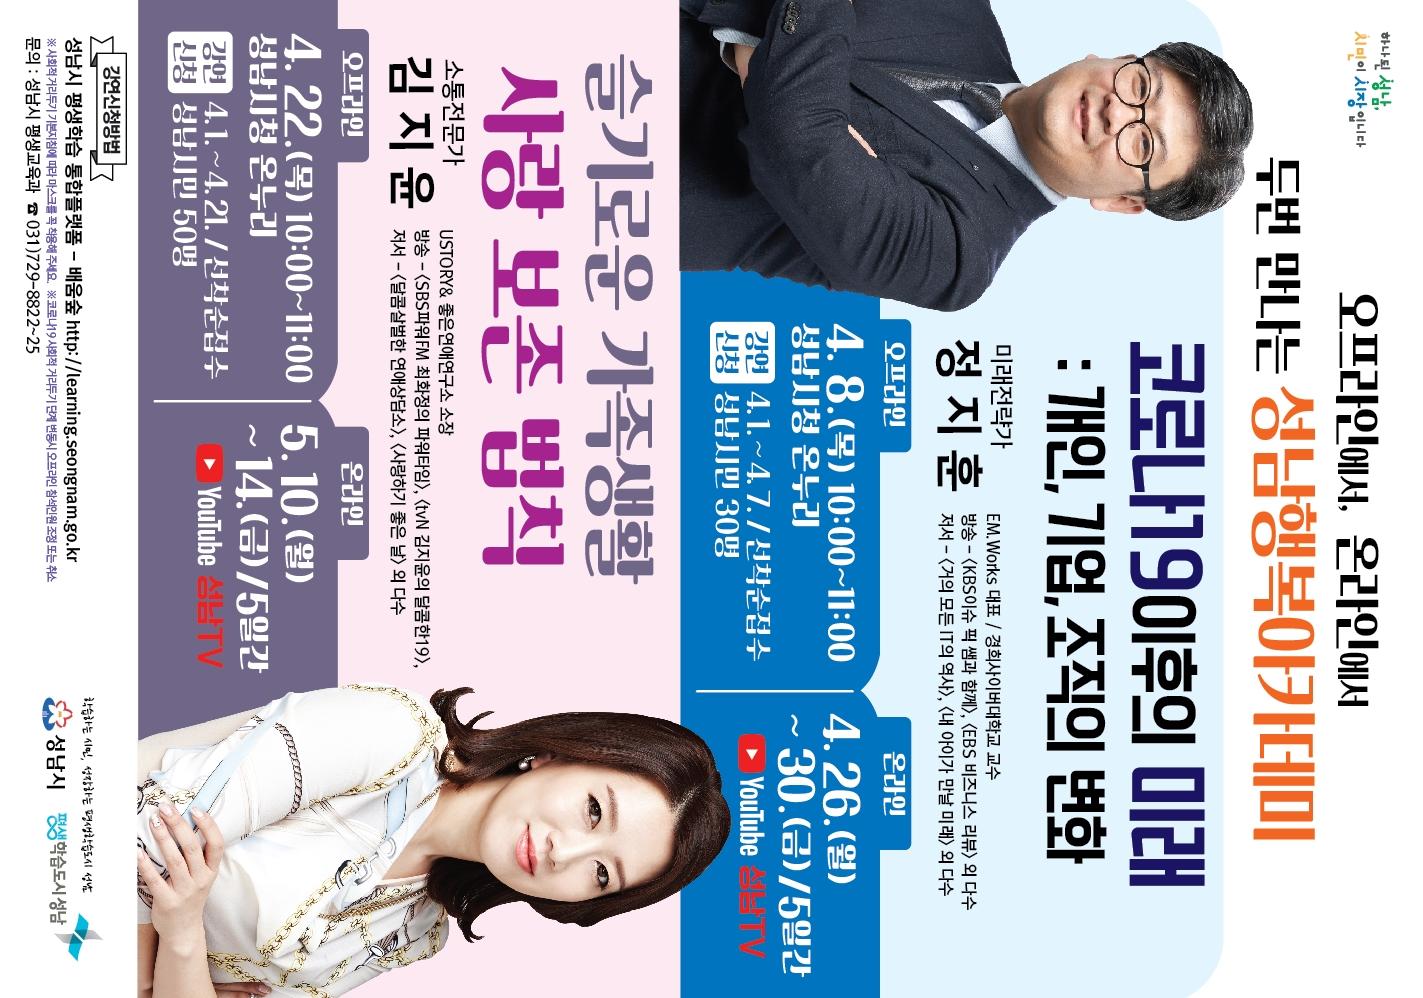 성남행복아카데미 제4강~5강 강연 시민참여자 모집